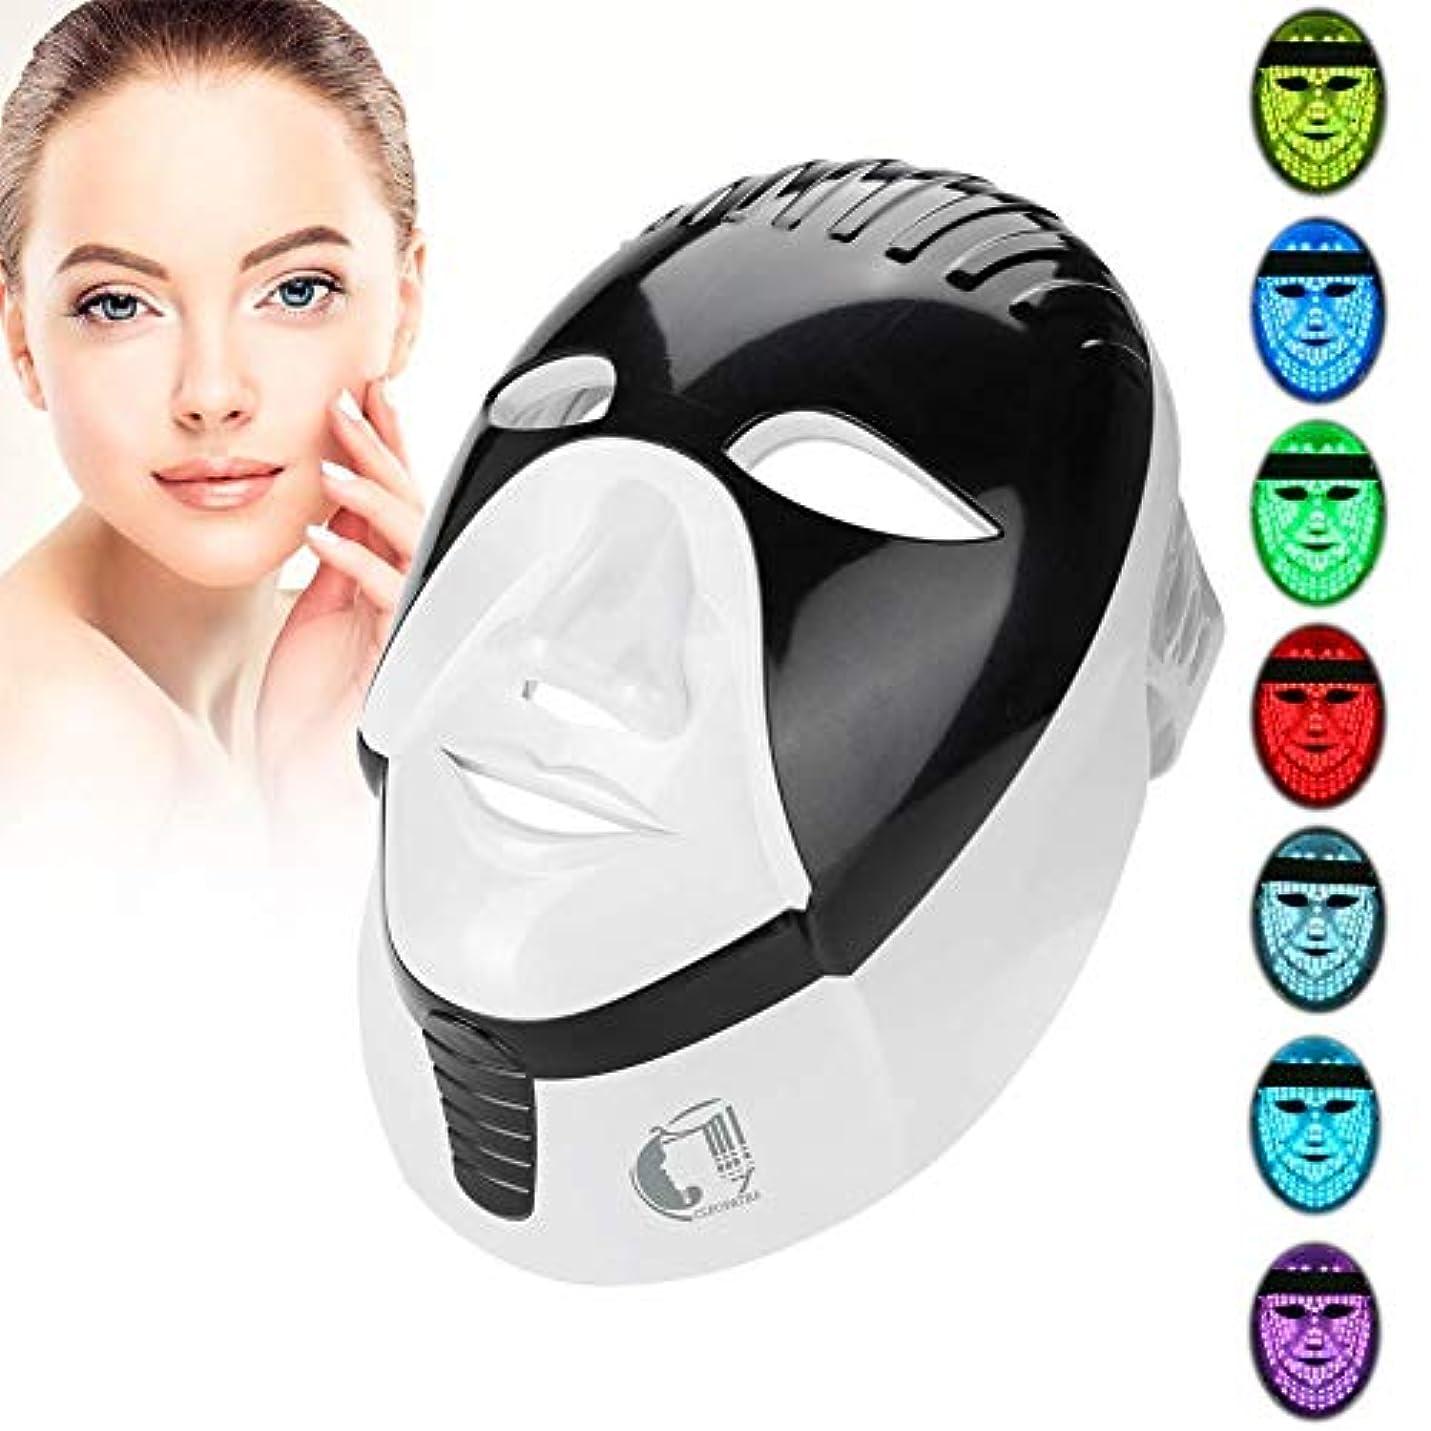 回路自治唯一フォトンセラピー7色マスク、毎日のスキンケアの若返りにきびとしわの除去のための美光療法フェイシャル